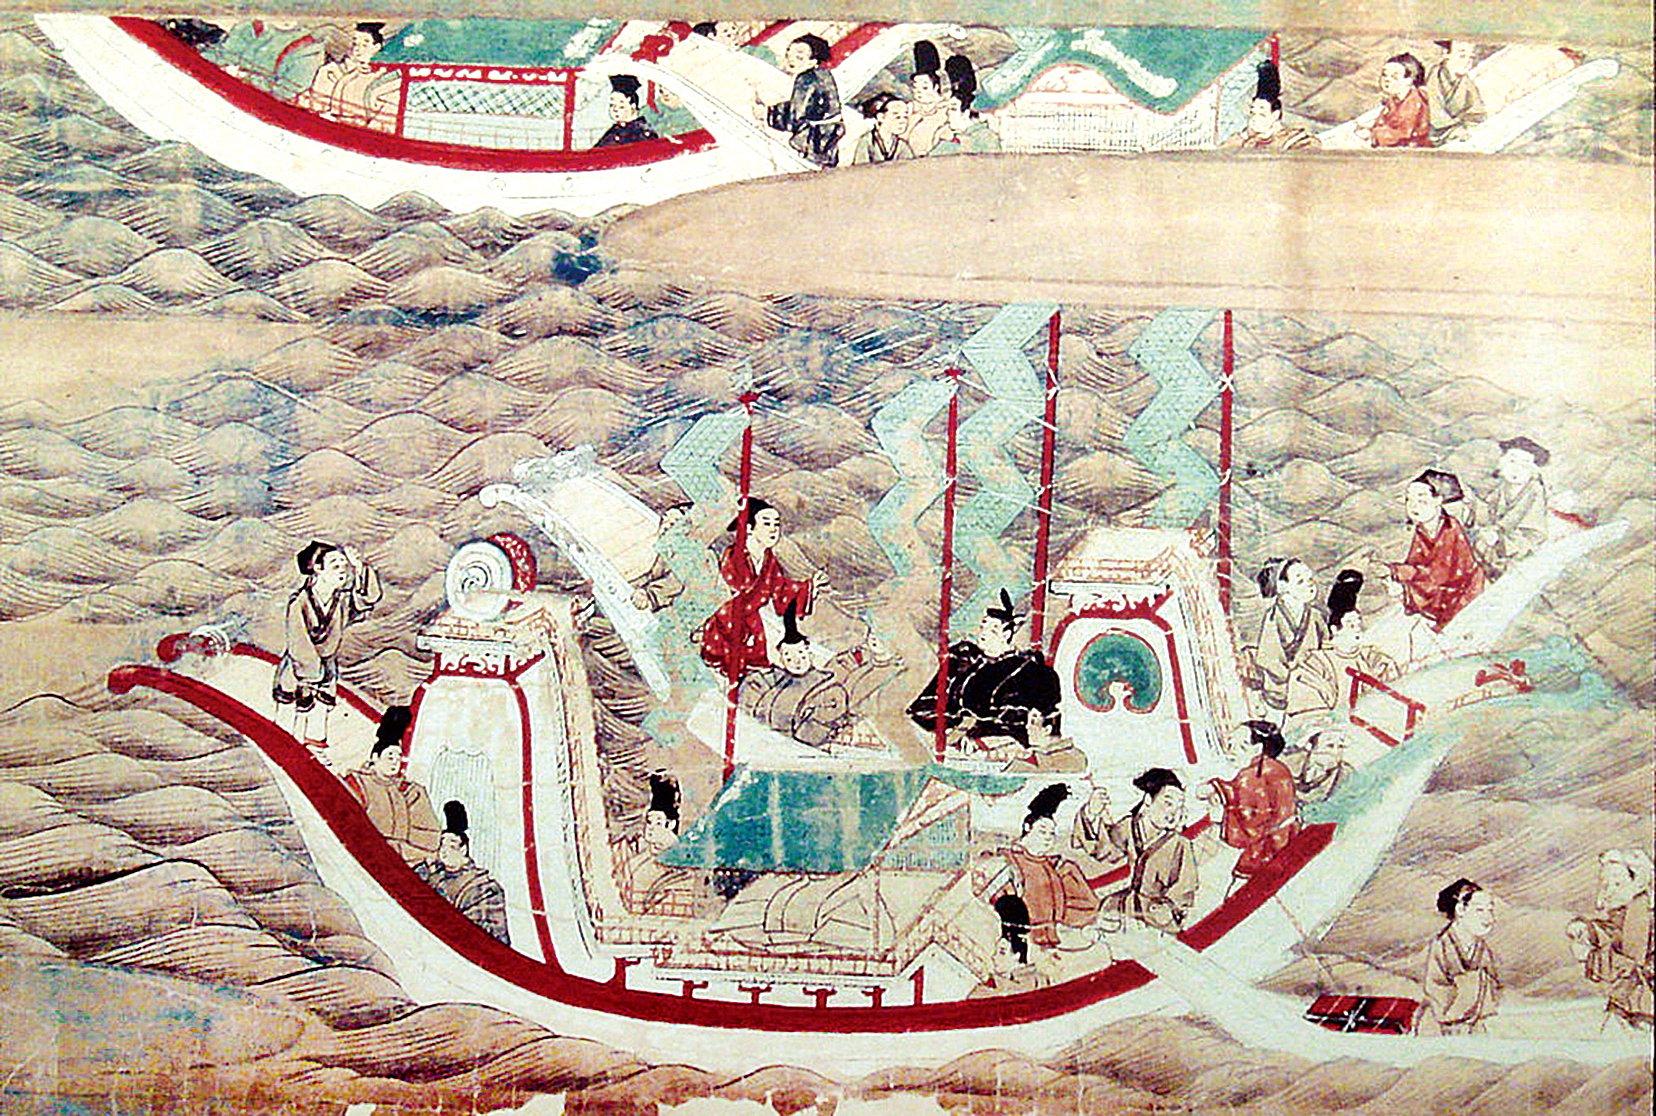 《東征傳繪卷》描繪的日本遣唐使乘船赴唐的景象(PHGCOM/維基百科公有領域)